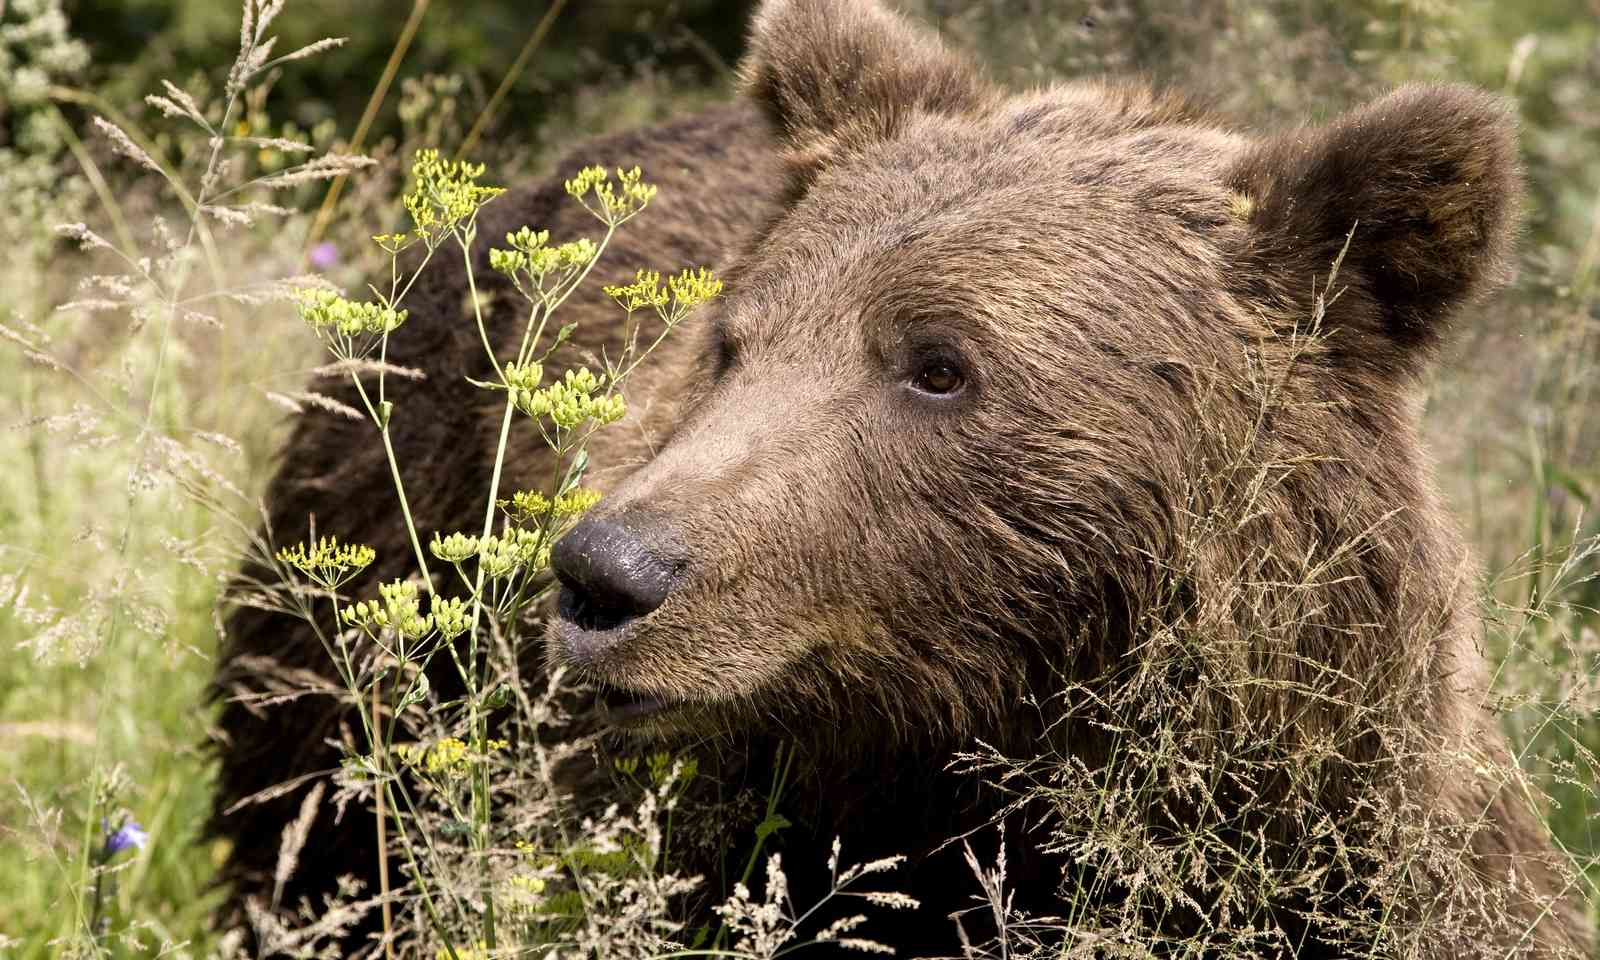 Wild bear in Romania (Dreamtime)